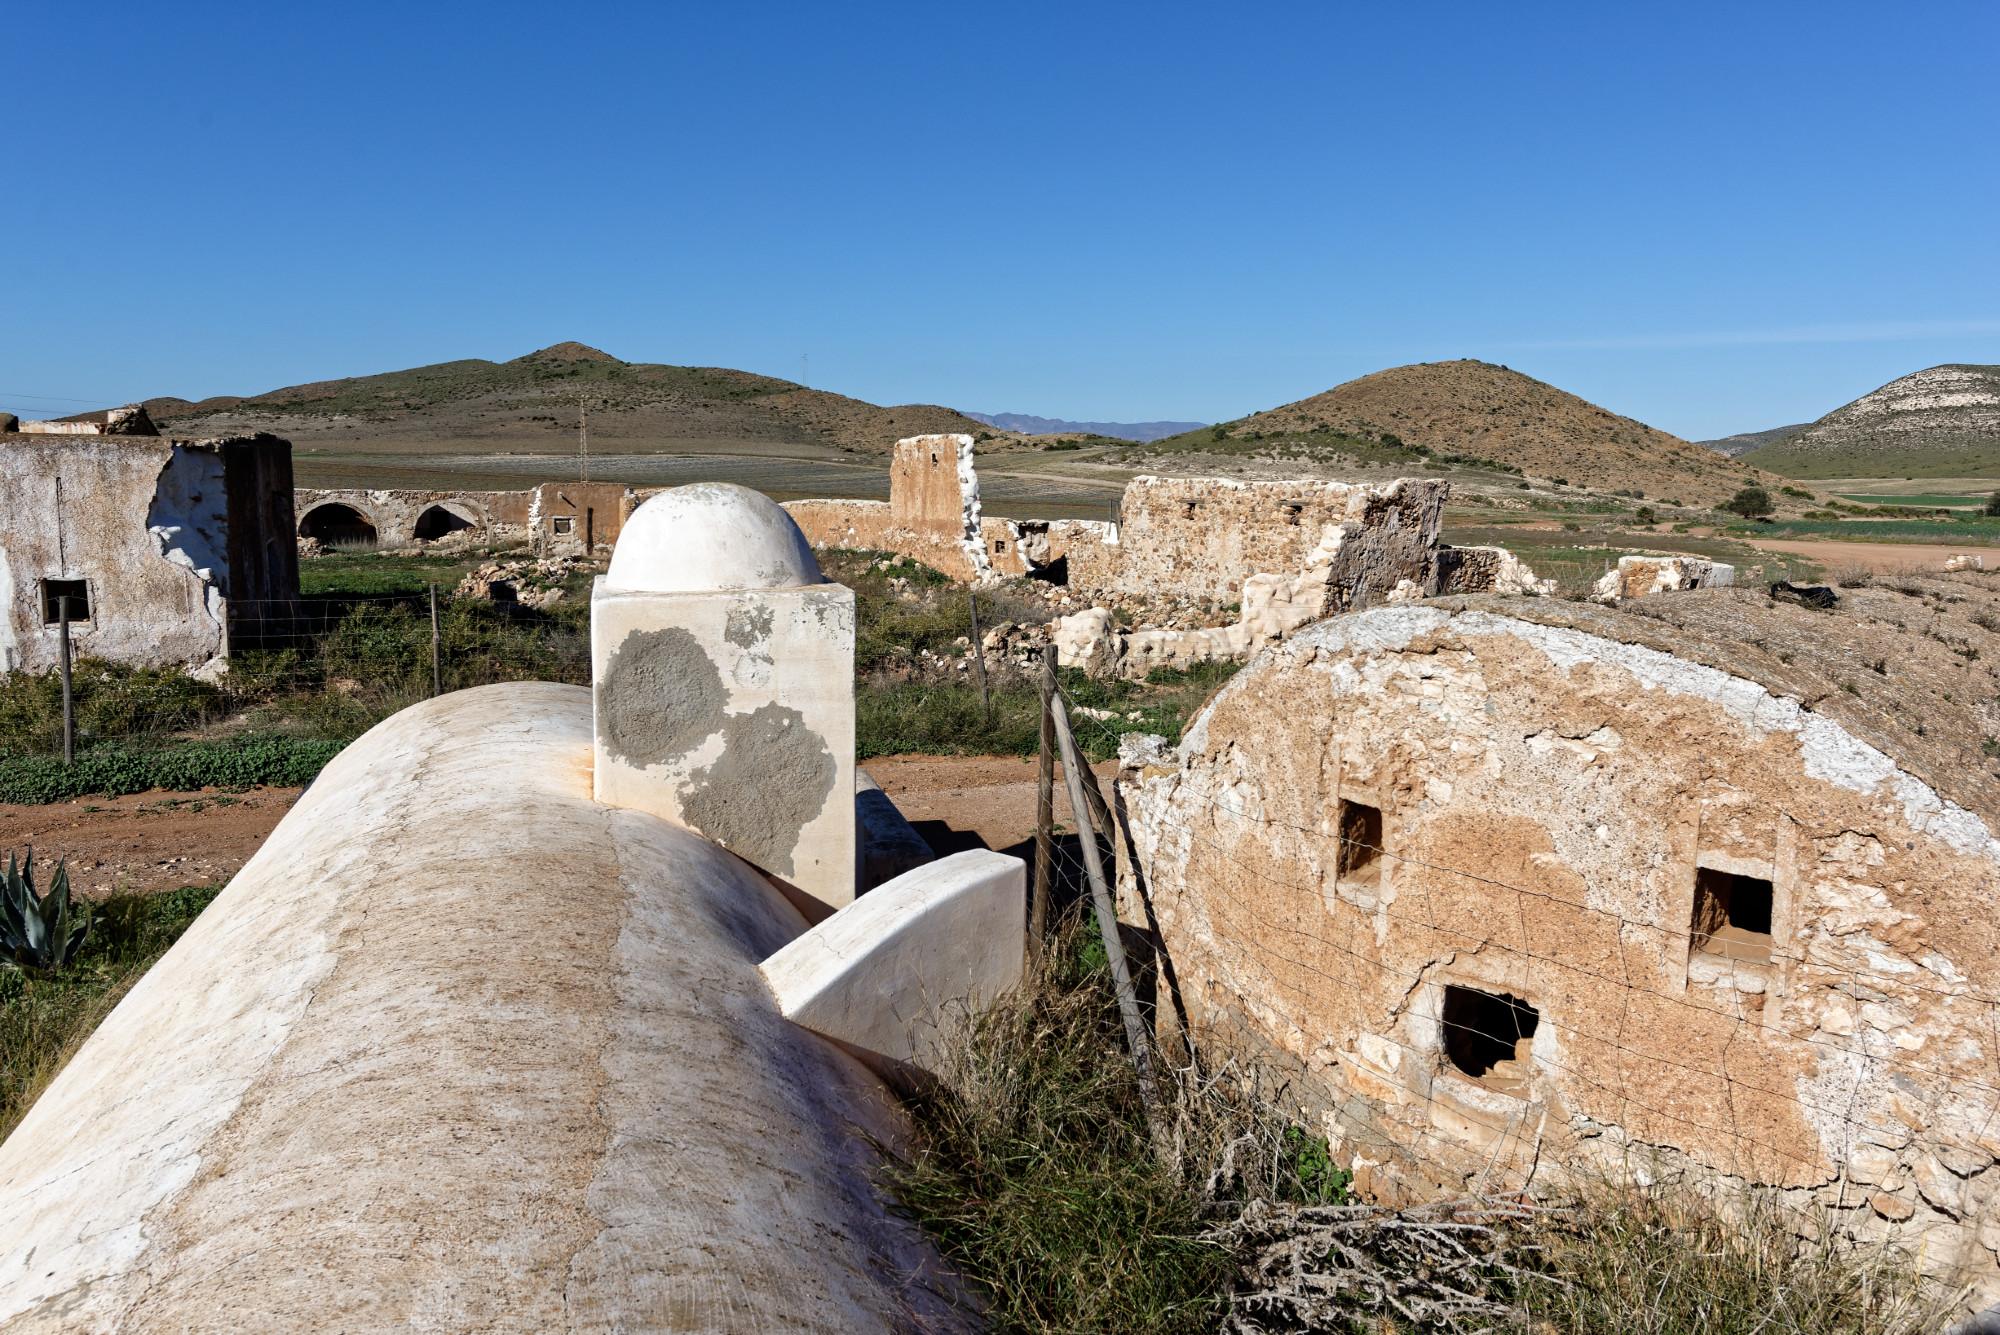 171218-Piste Rodalquilar vers Cortijo del Fraile (Cabo de Gata-Andalousie) (76)_1